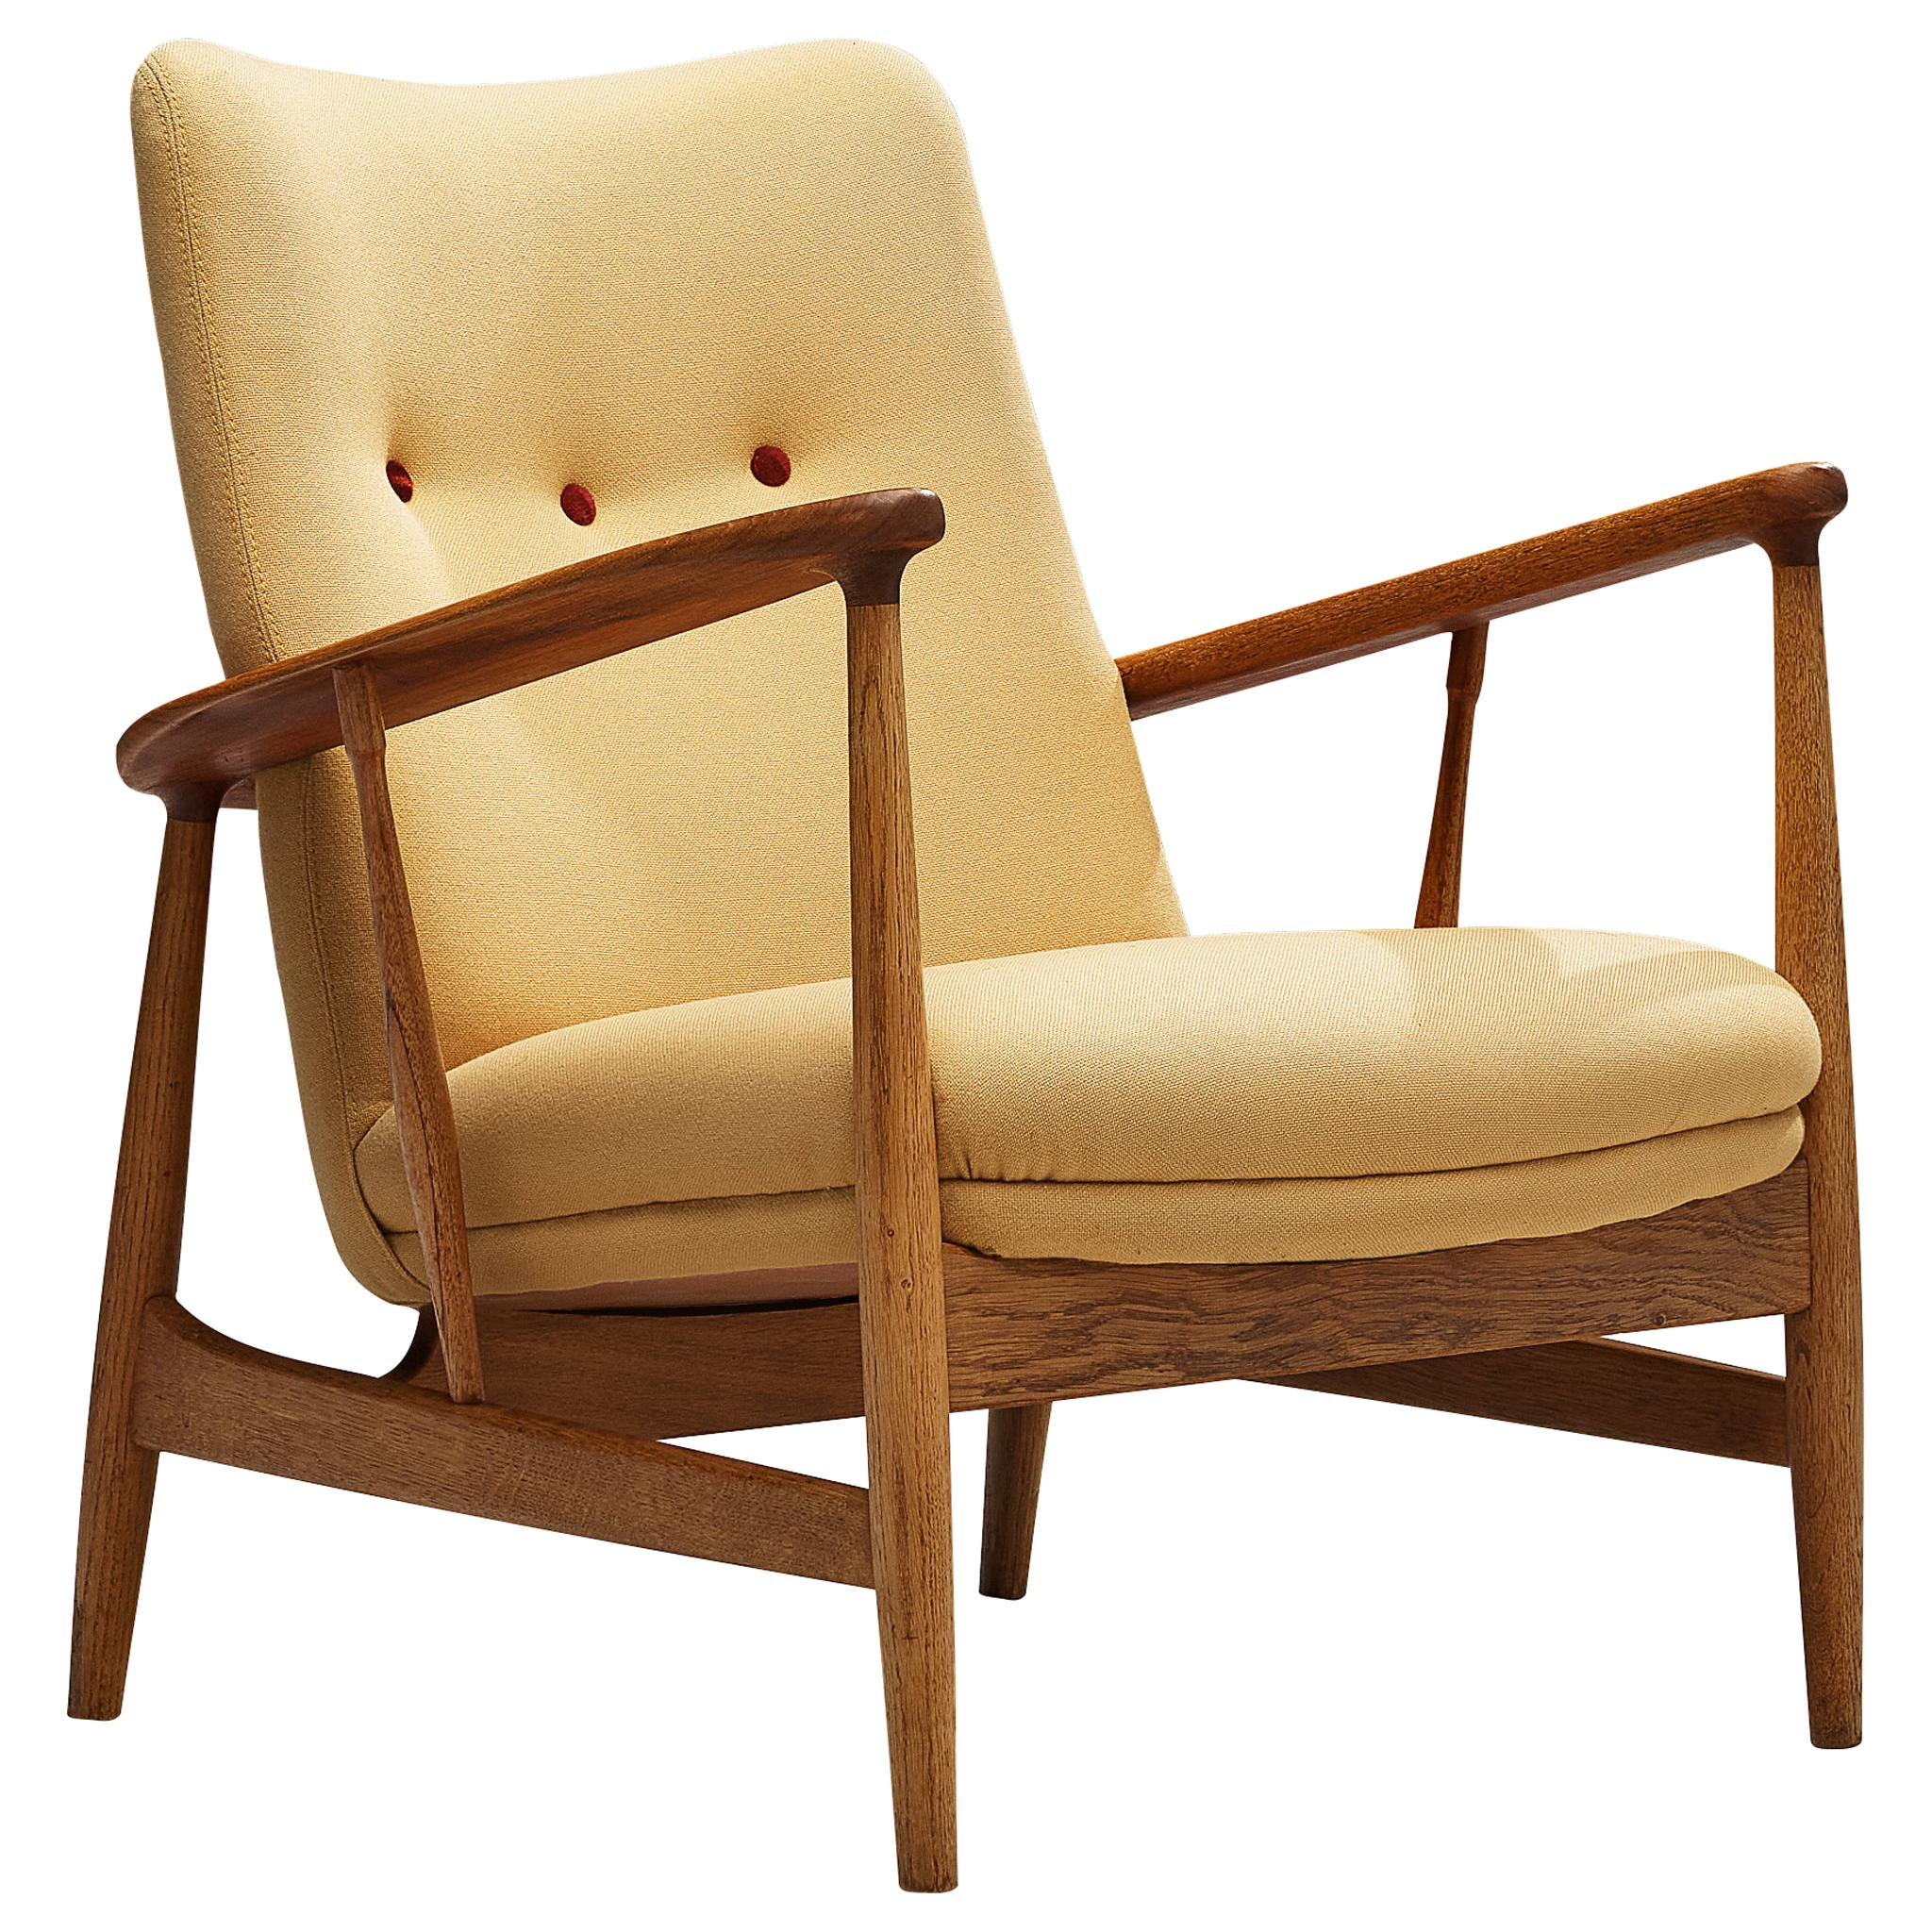 Finn Juhl Easy Chair in Oak and Teak, 1953